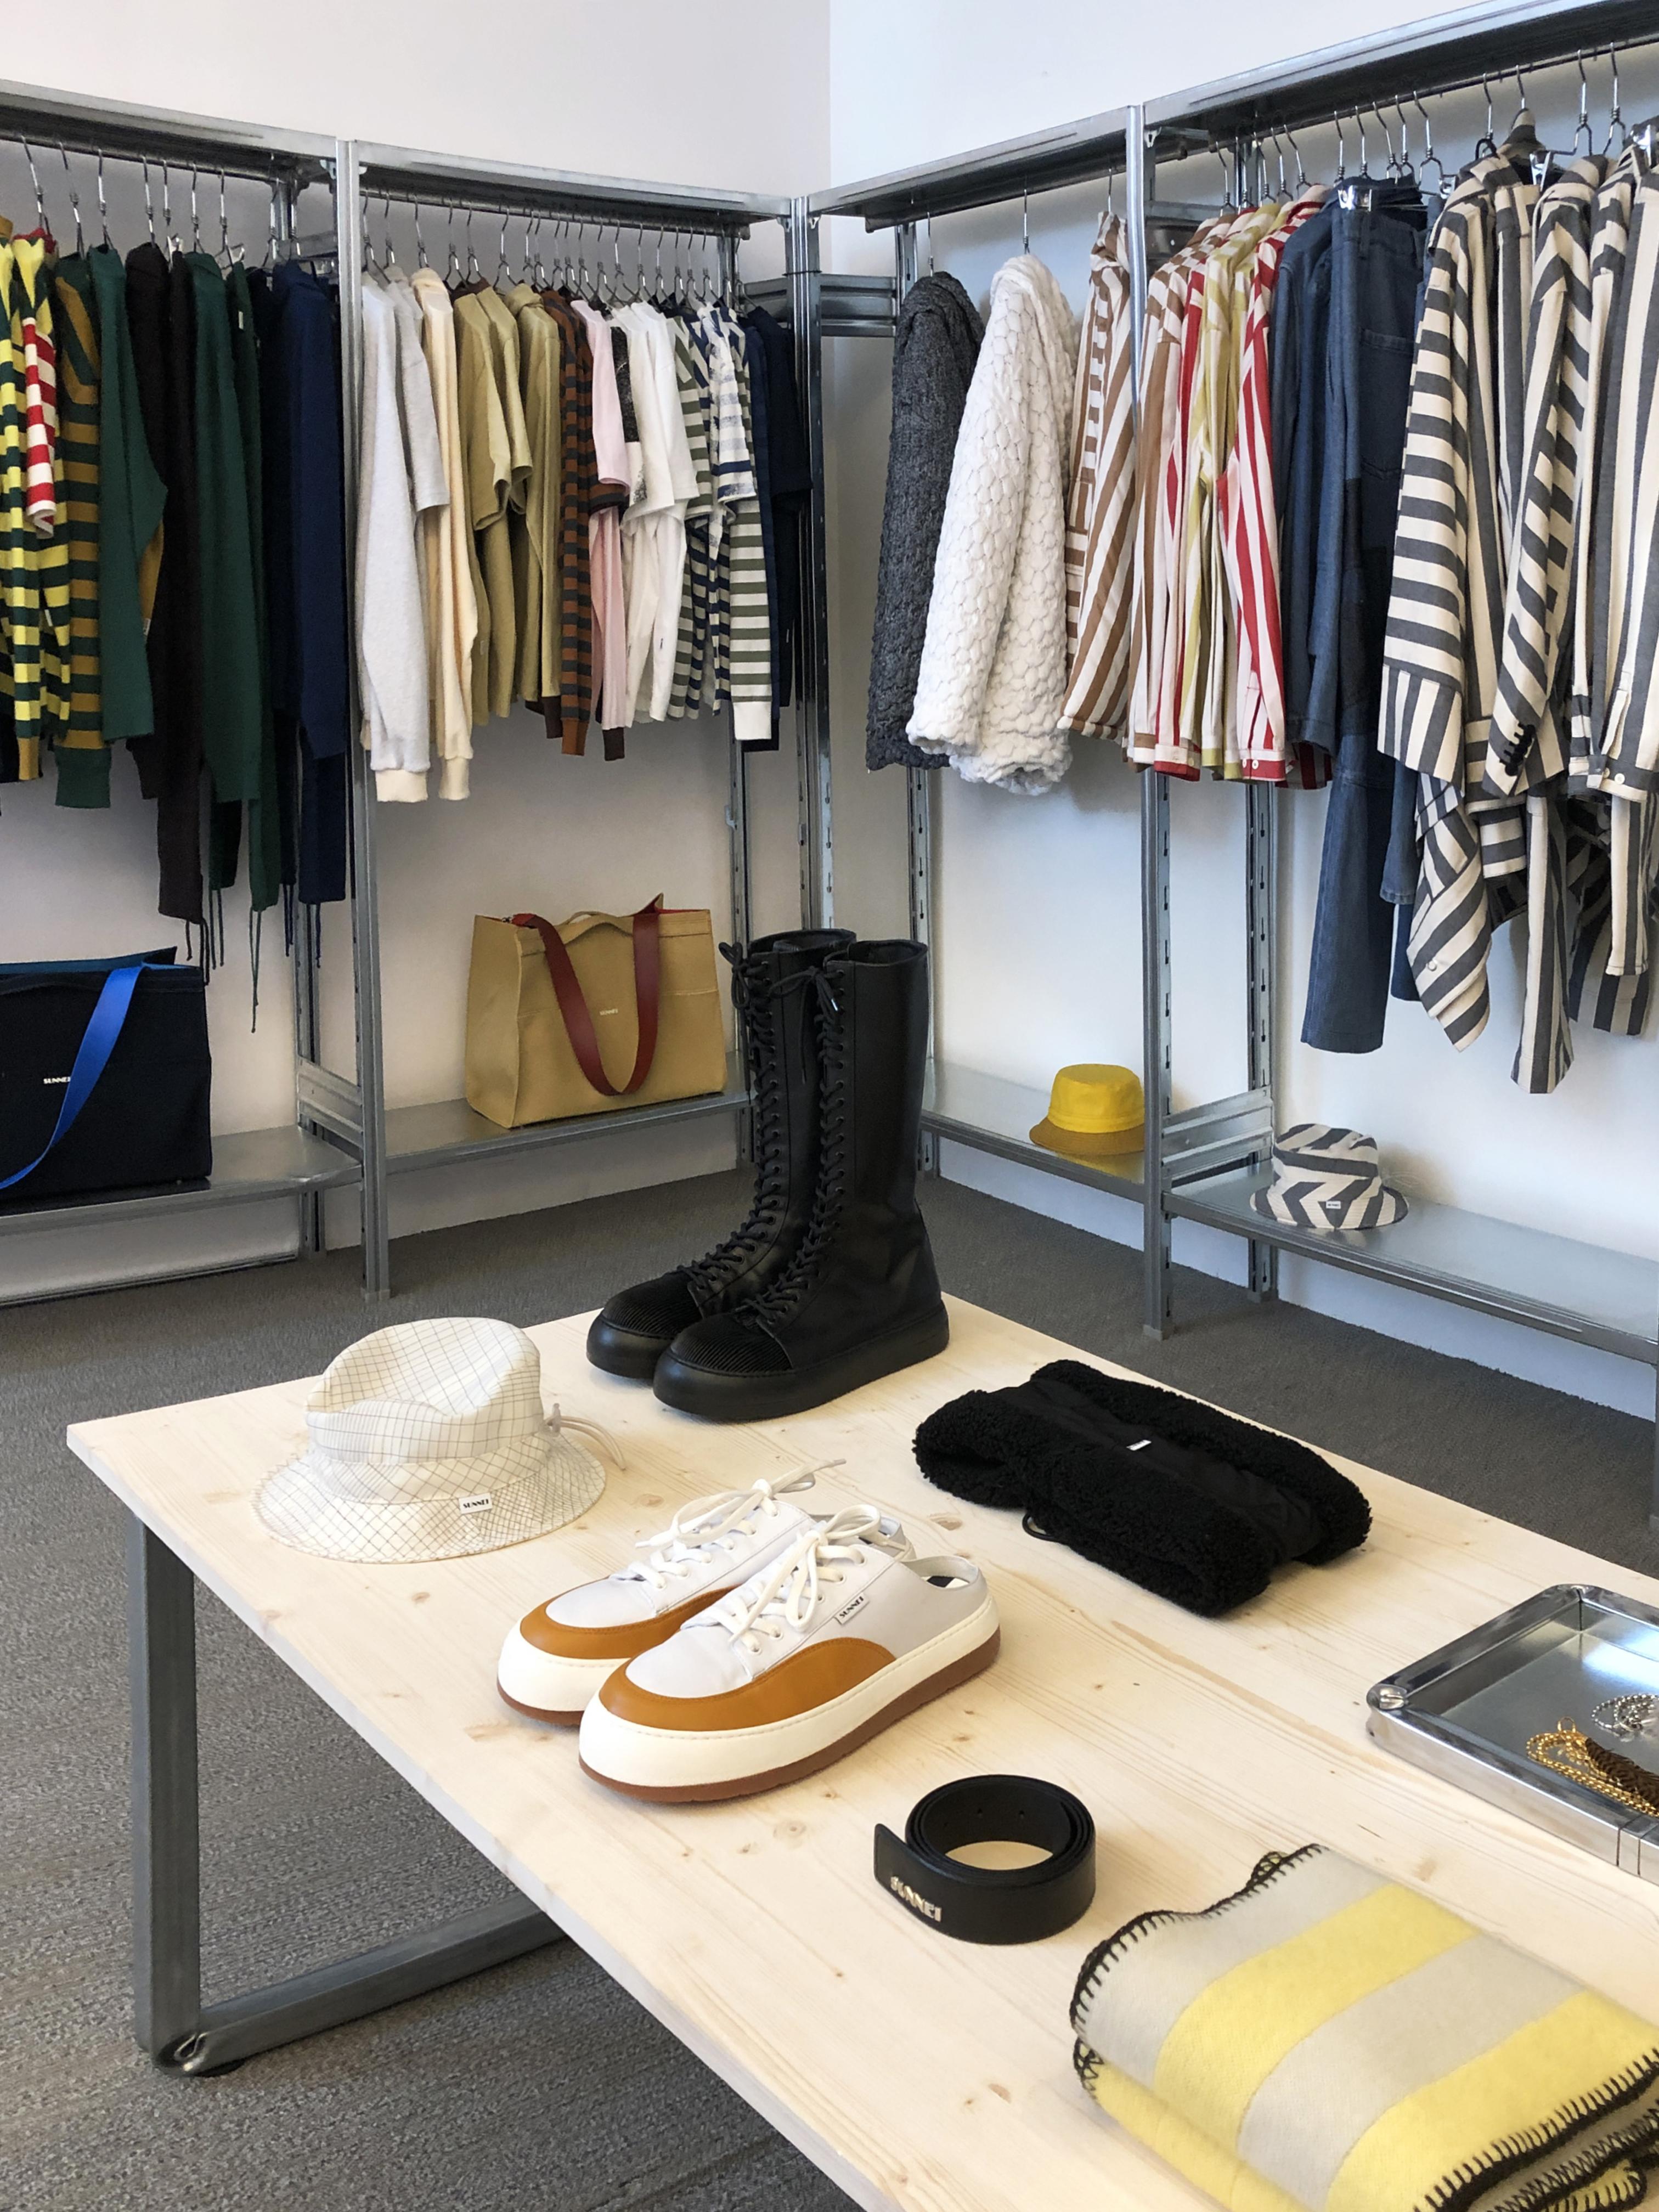 allestimento completo con arredi di design negozio abbigliamento